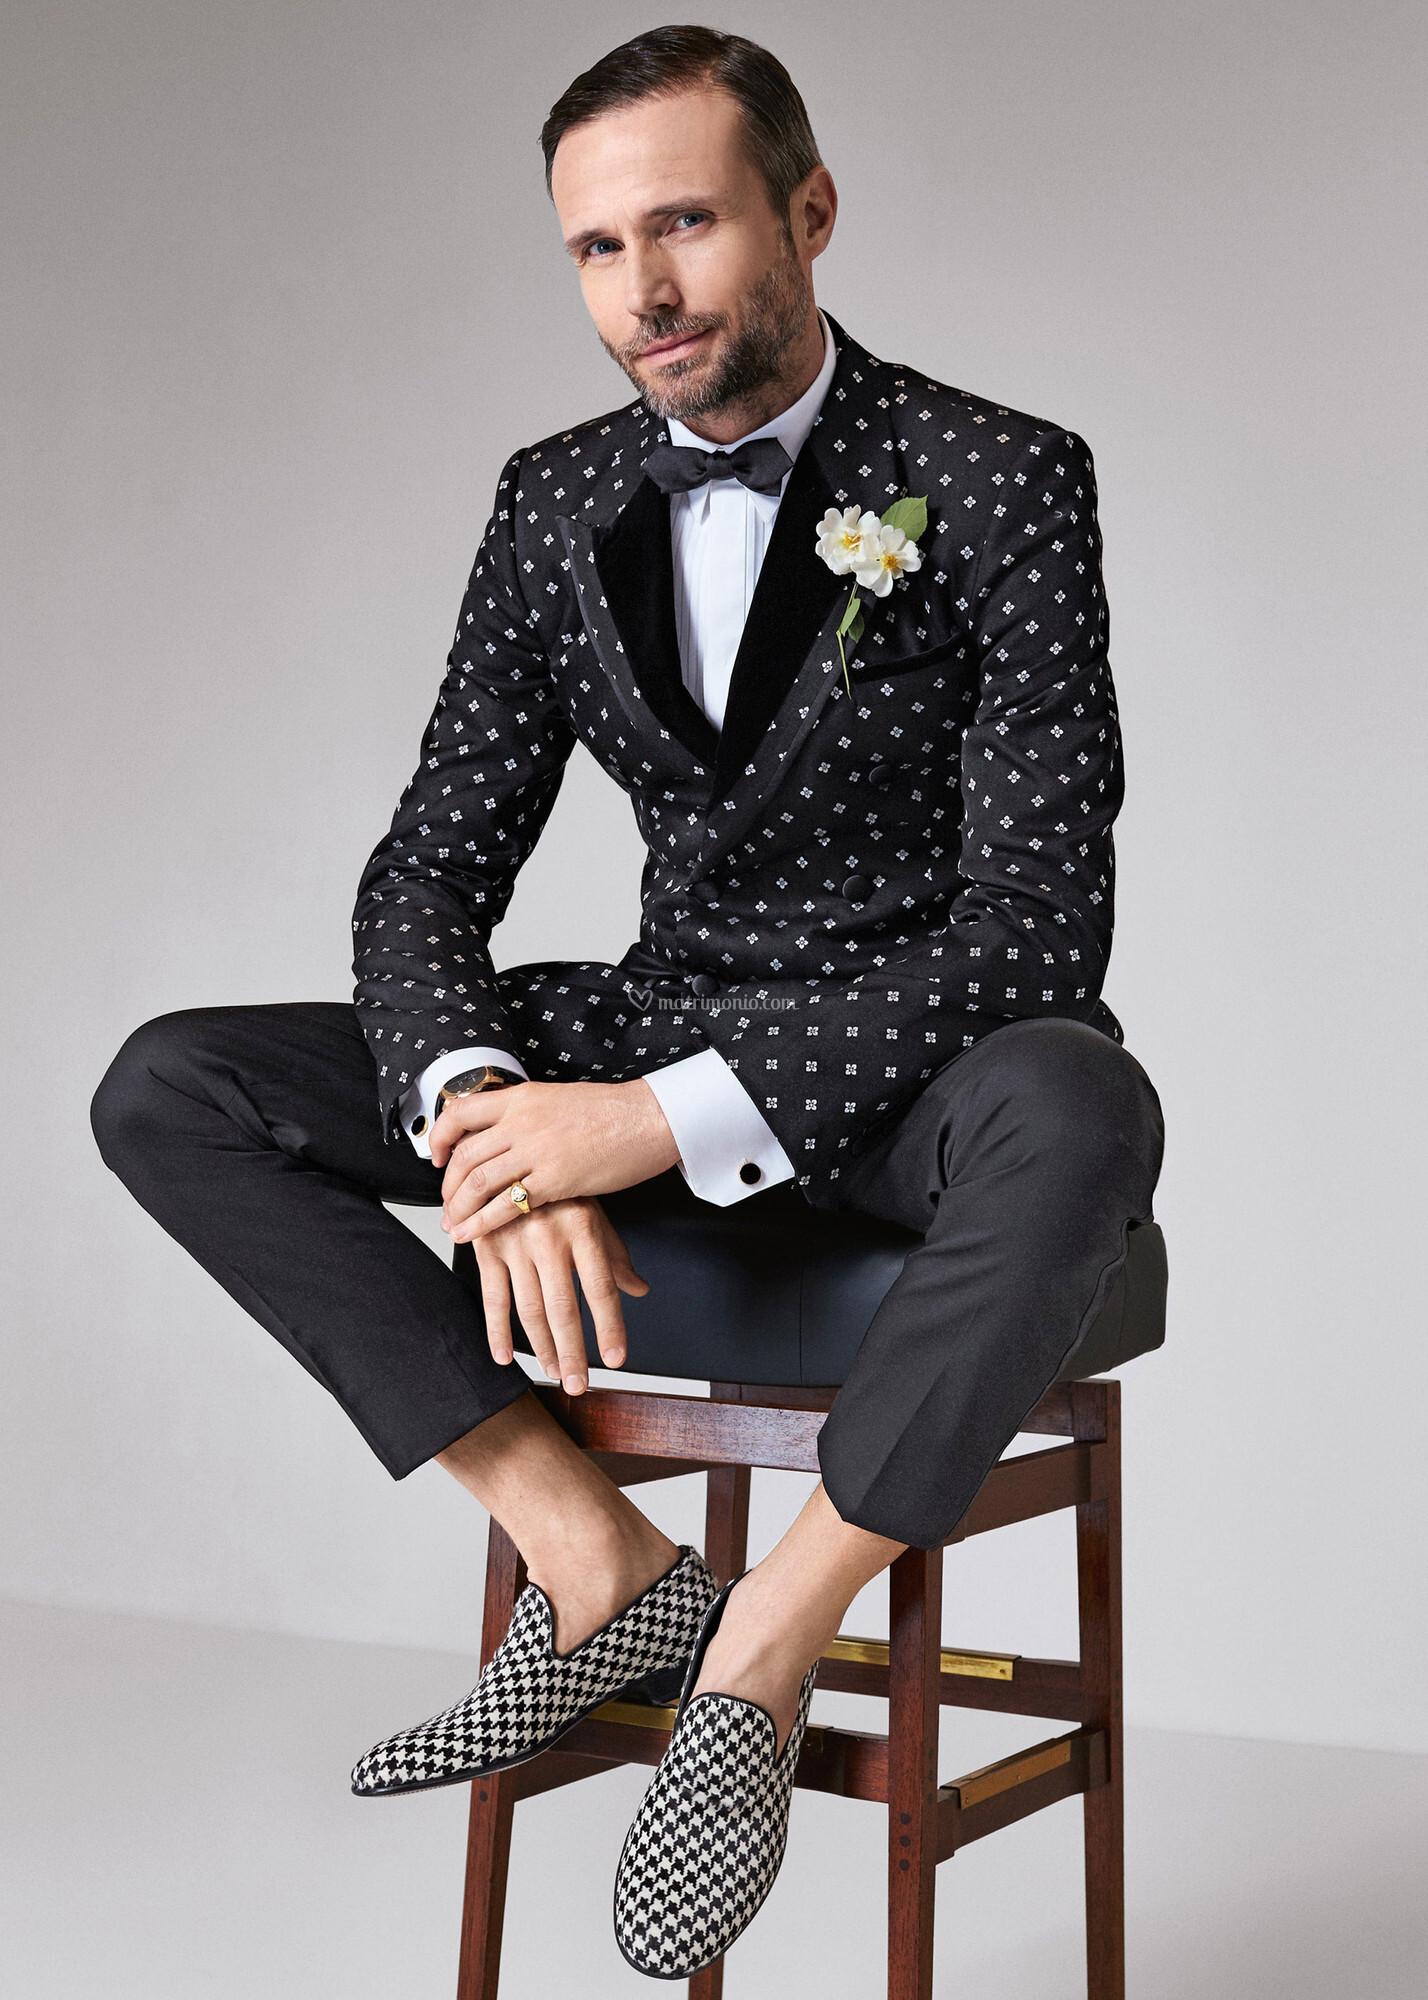 Vestiti Matrimonio Uomo Dolce Gabbana : Vestiti da sposo di dolce gabbana dg matrimonio